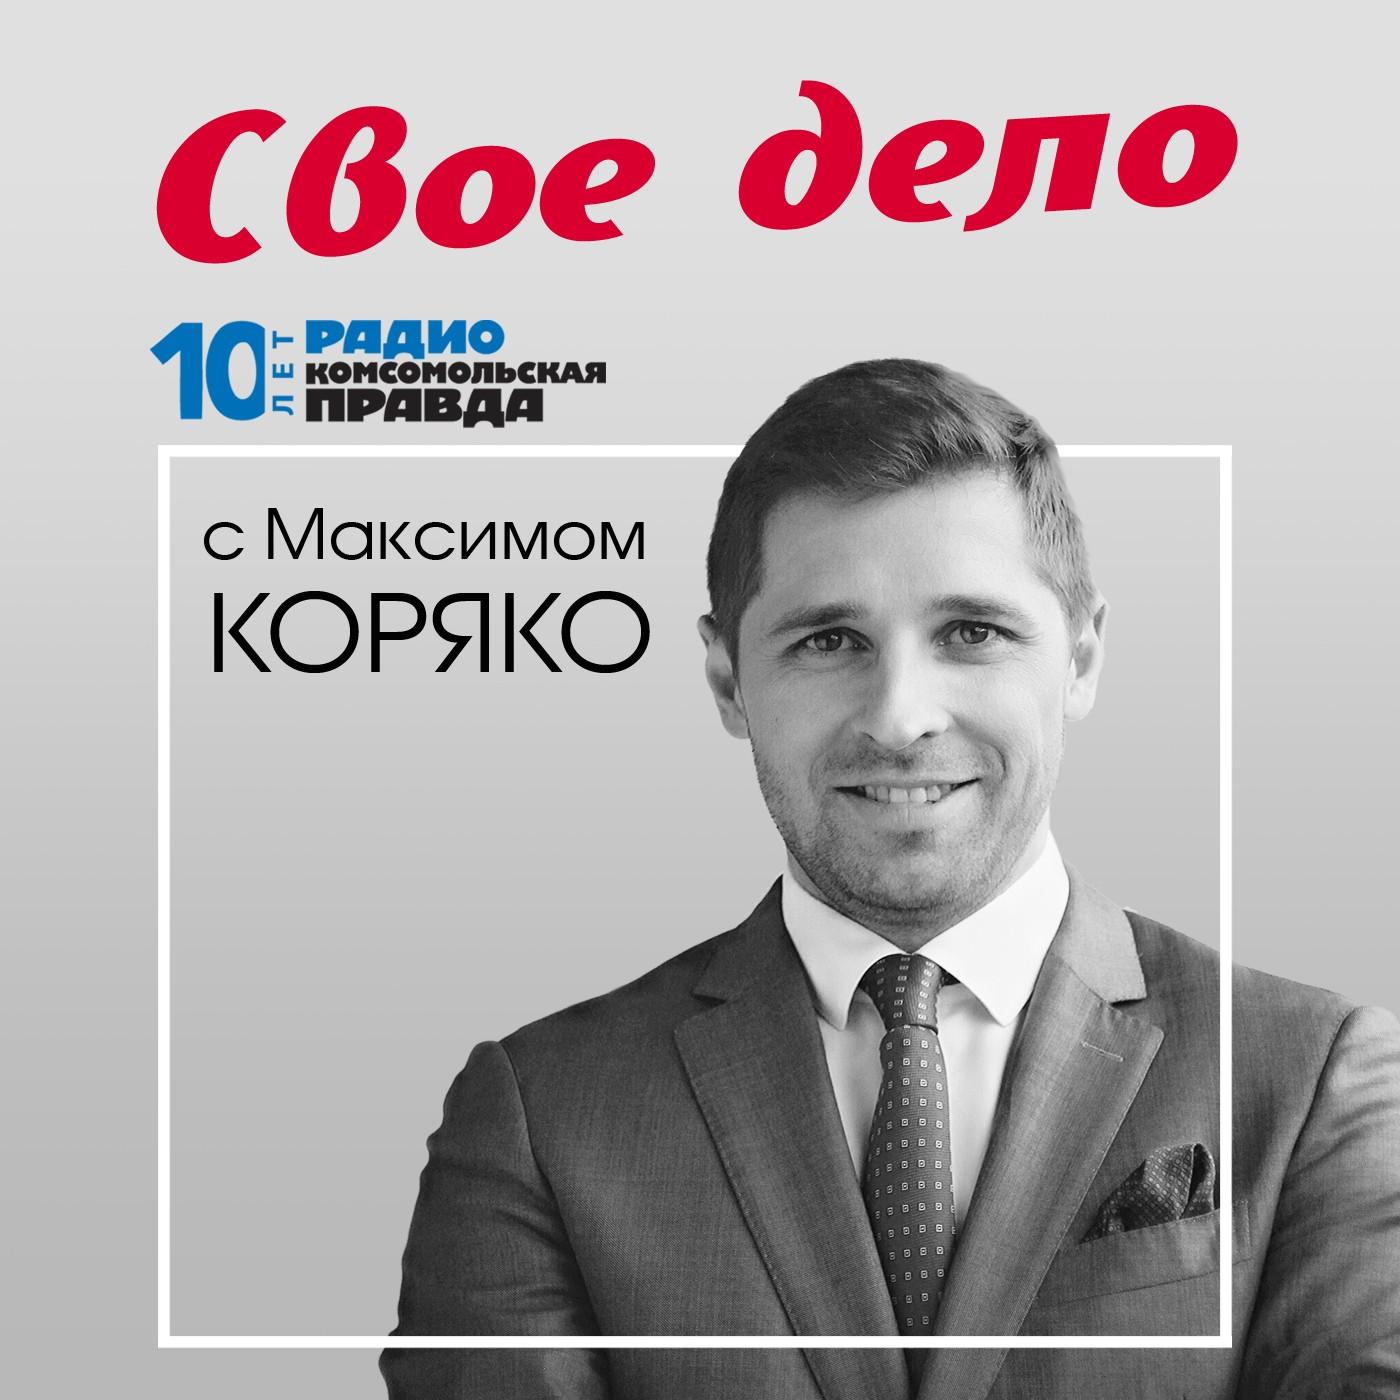 Радио «Комсомольская правда» Как купить готовый бизнес: присматриваемся к торговой точке aurussaya купить